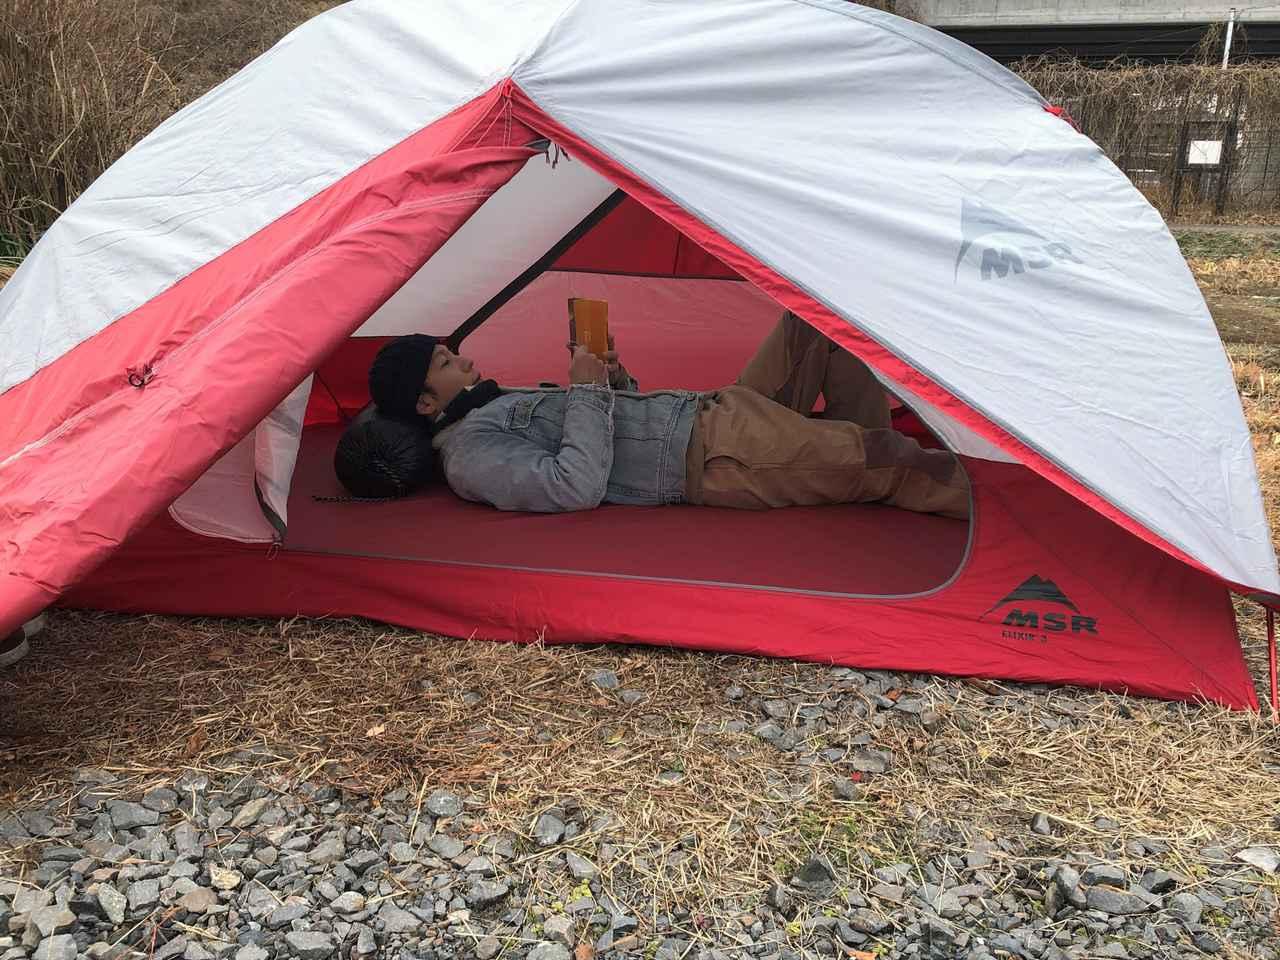 画像1: 【エリクサー3】メリット①広々としたスペースでソロキャンプにも便利